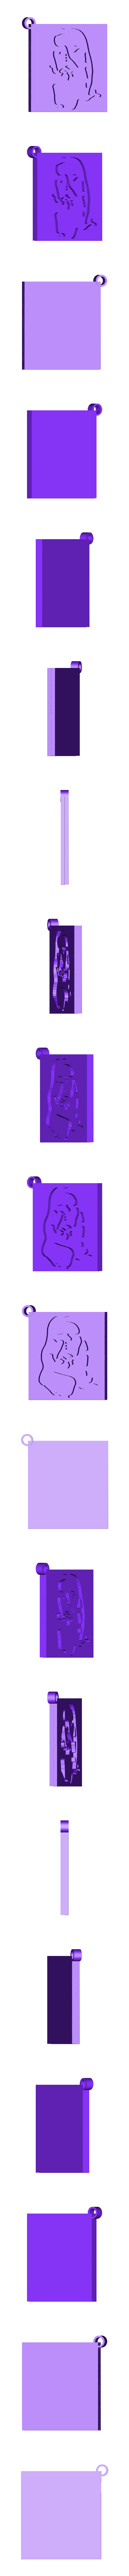 jesus corregido.stl Télécharger fichier STL gratuit Jésus - Illusion d'optique • Objet à imprimer en 3D, el_tio_3D